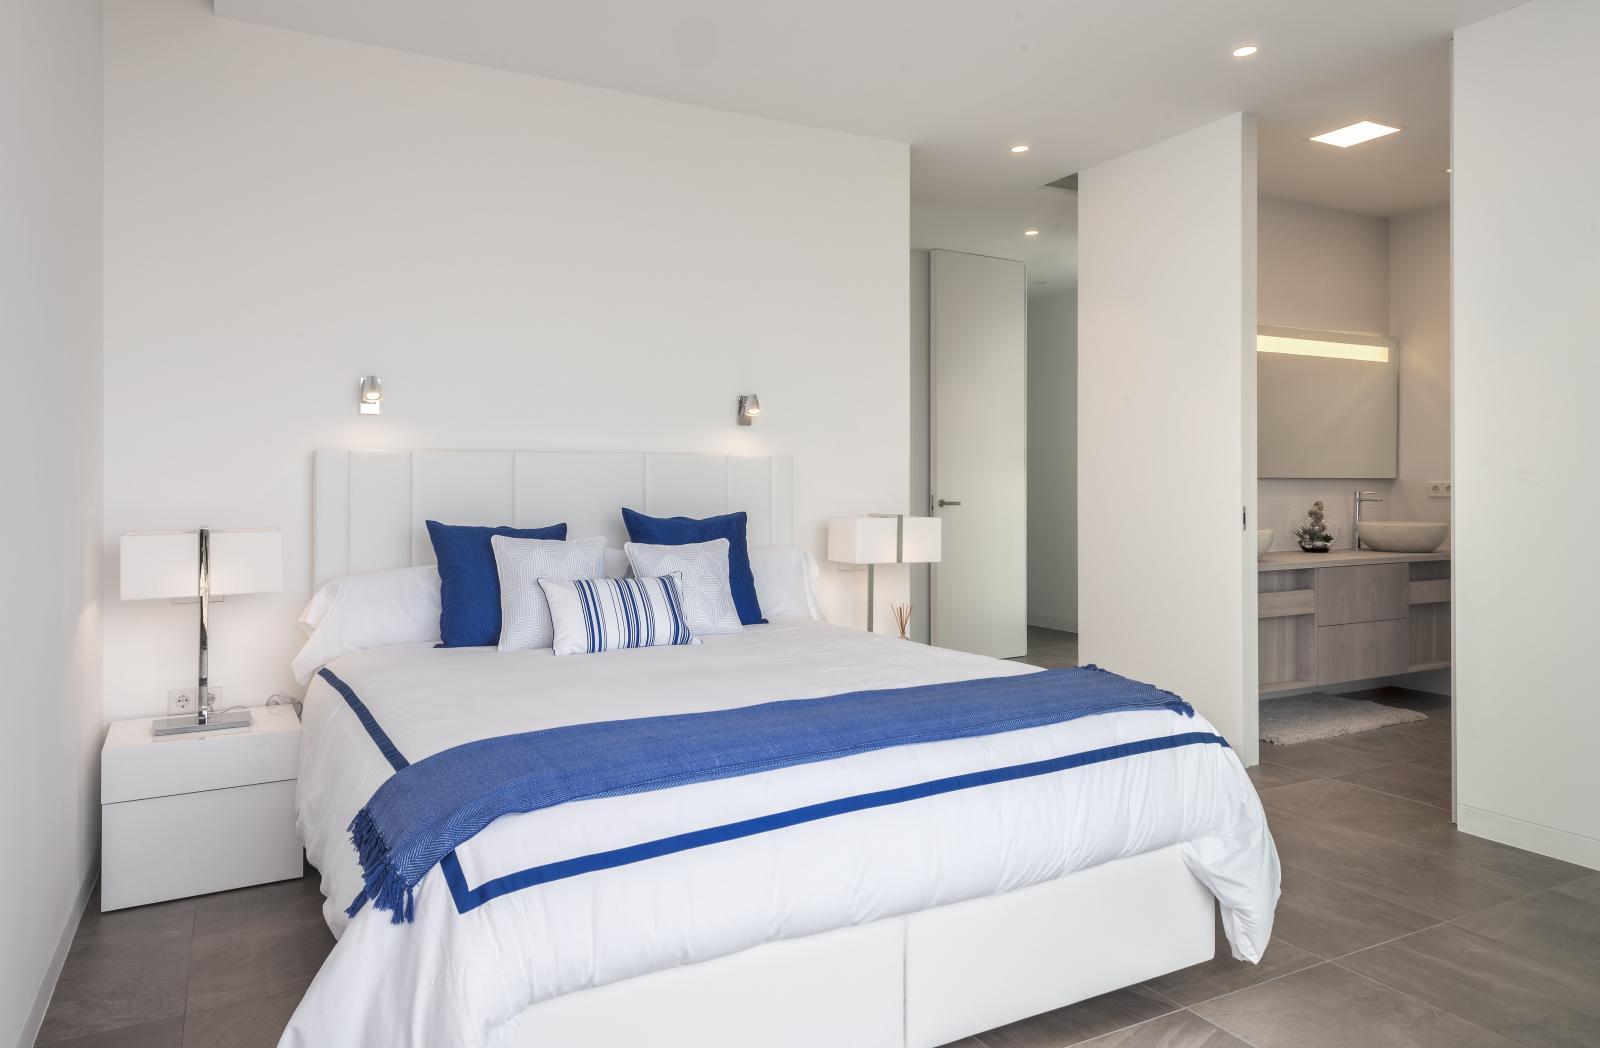 9. Brand new villa in Finestrat Alicante - Fantastic Brand New Villa in Finestrat, Alicante